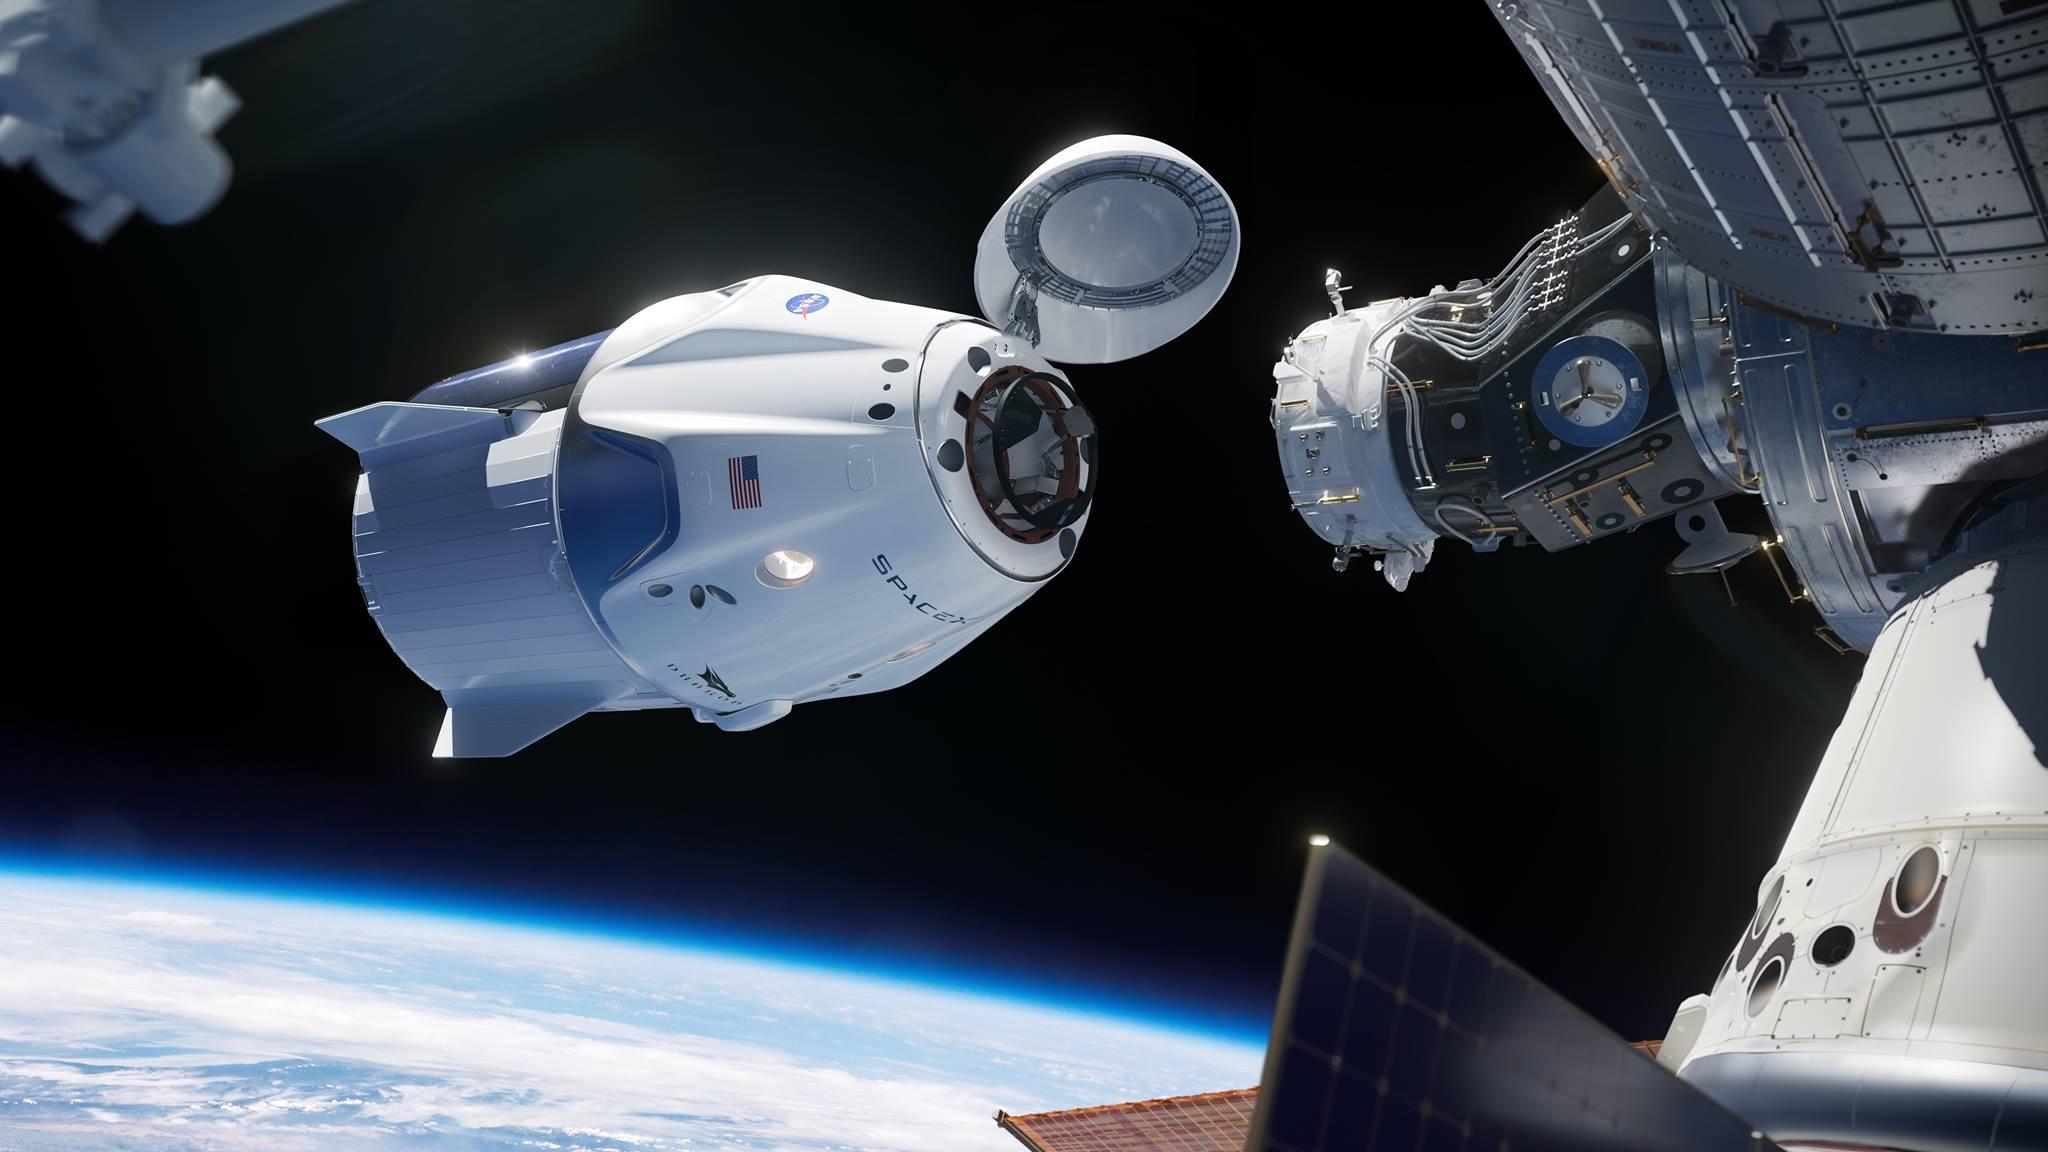 Fusée SpaceX dans l'espace